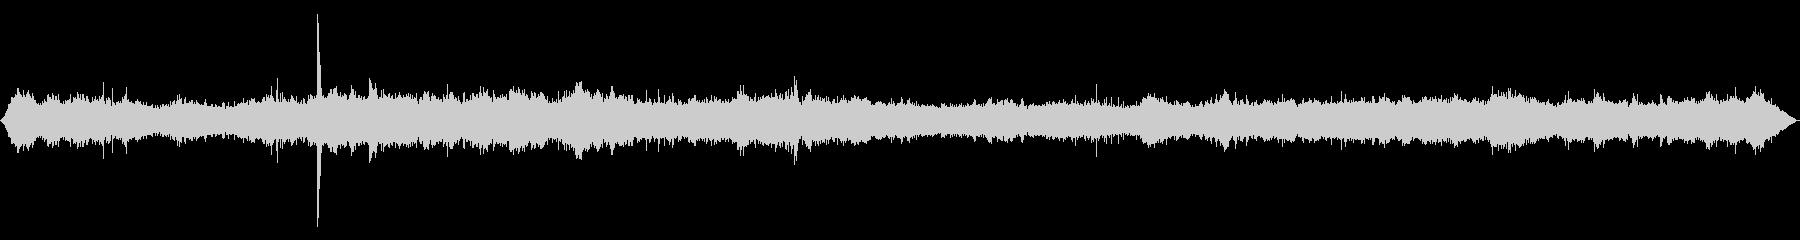 ショベルカーなどが工事をしている音の未再生の波形